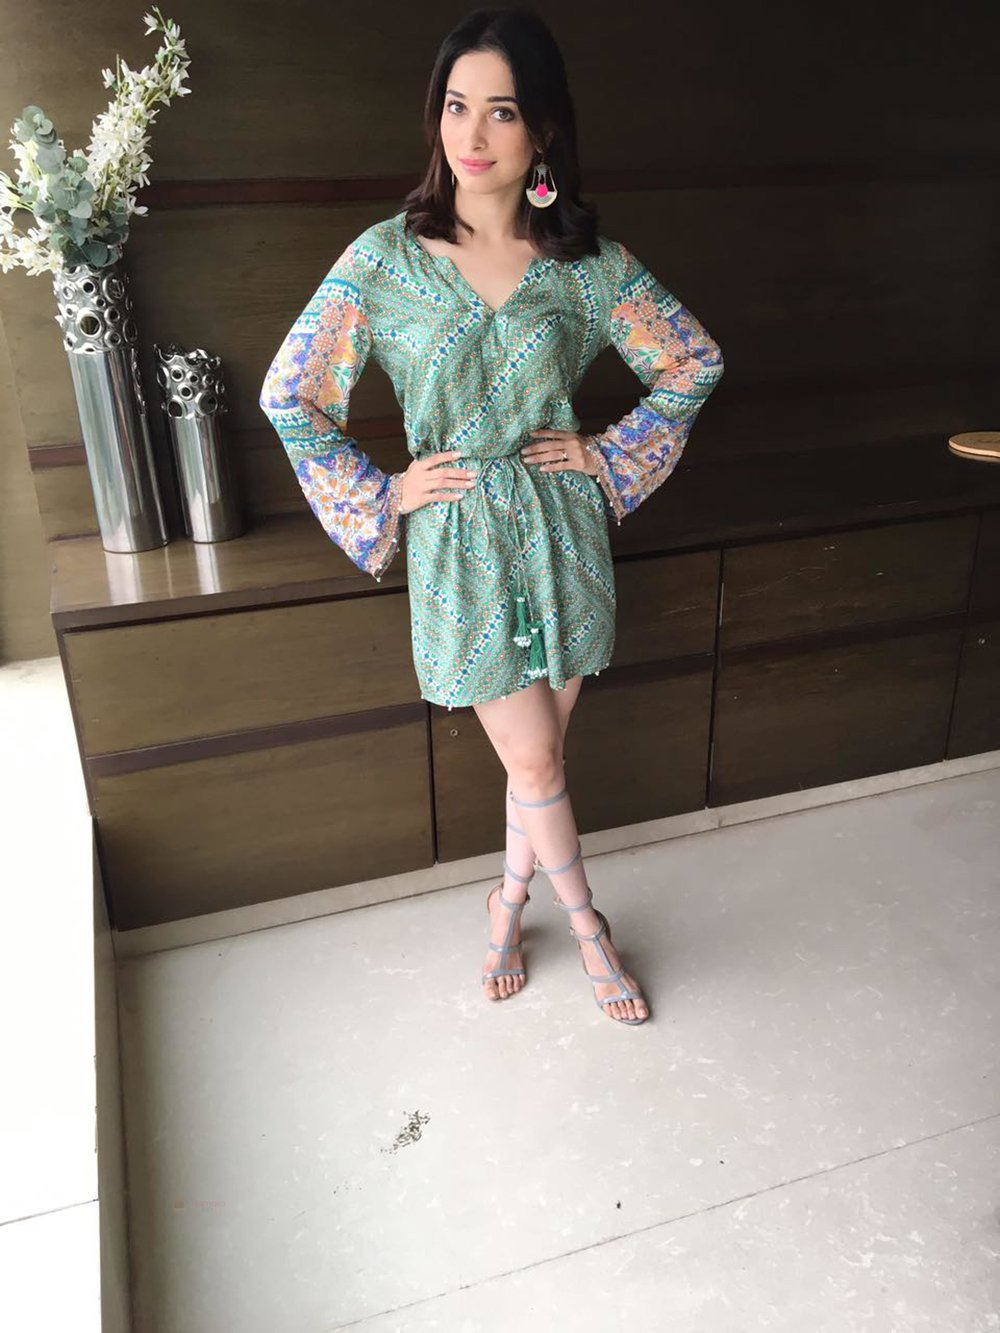 Tamannah-Bhatia-looking-ravishing-during-the-promotions-of-of-her-upcoming-film-Tutak-Tutak-Tutiya-1.jpg